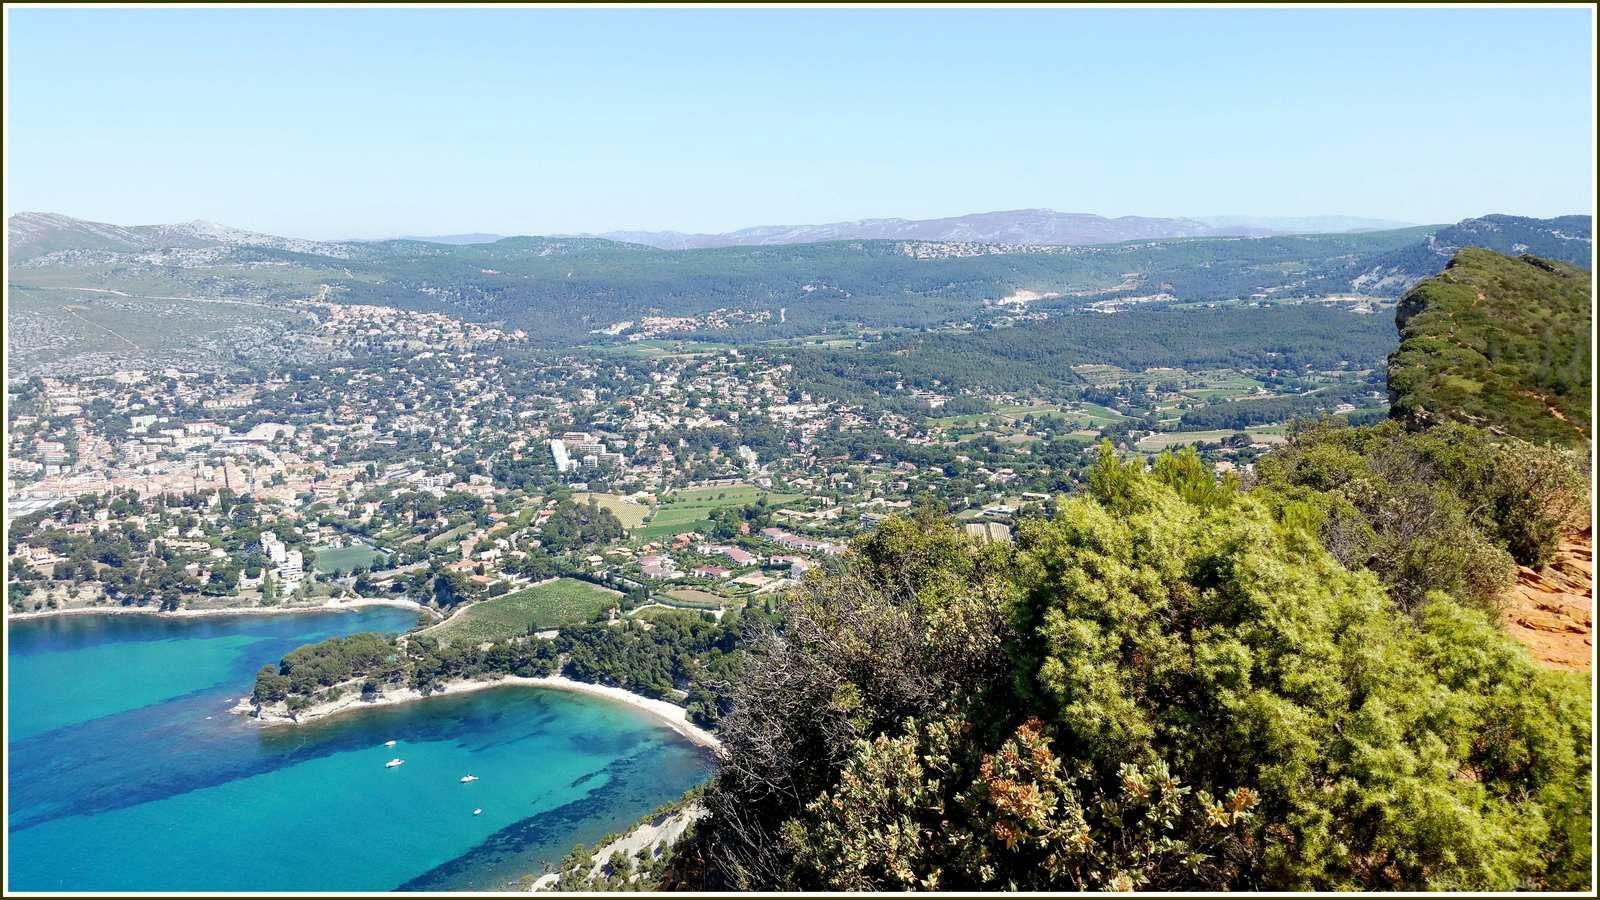 278 - La route des Crêtes de Soubeyran, de la Ciotat à Cassis, Escalades, photos en passant...